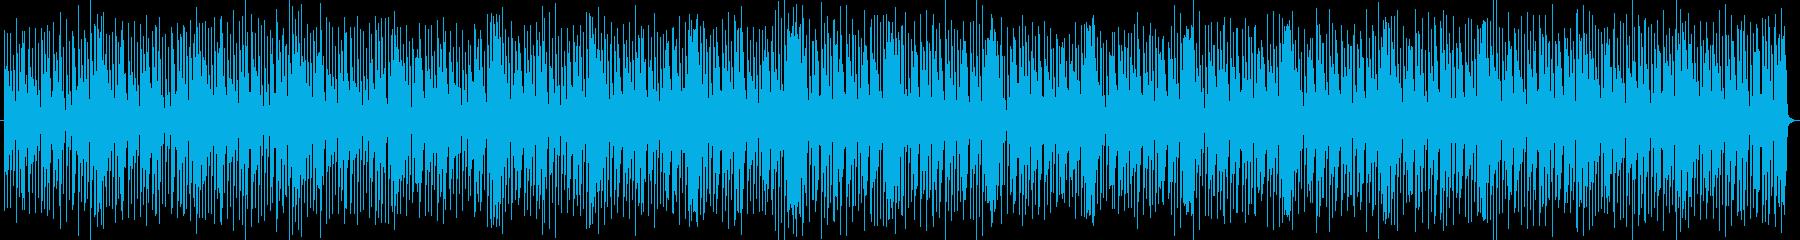 躍動感のあるリズミカルな曲の再生済みの波形